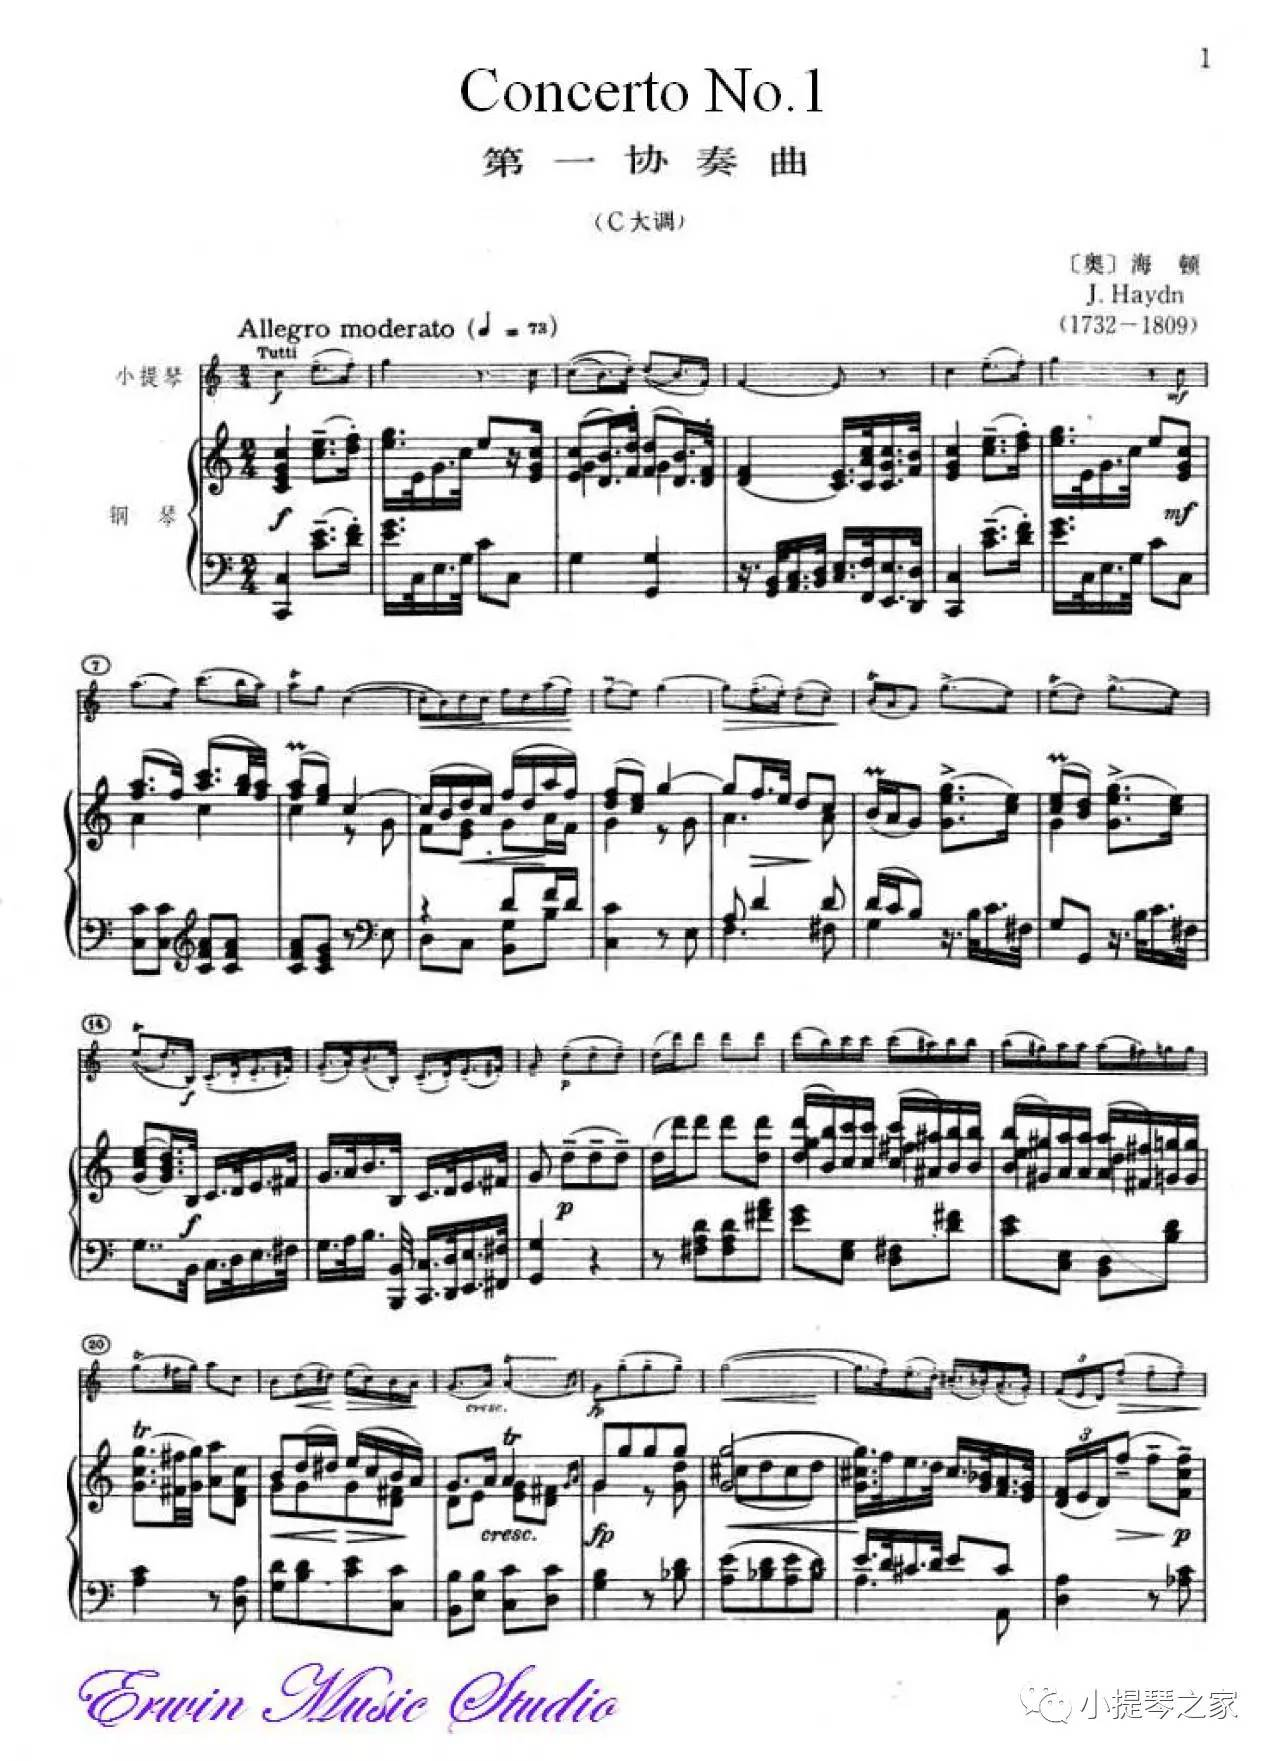 宫廷音乐 海顿C大调小提琴协奏曲 附乐谱 吉尔 沙汉姆演奏